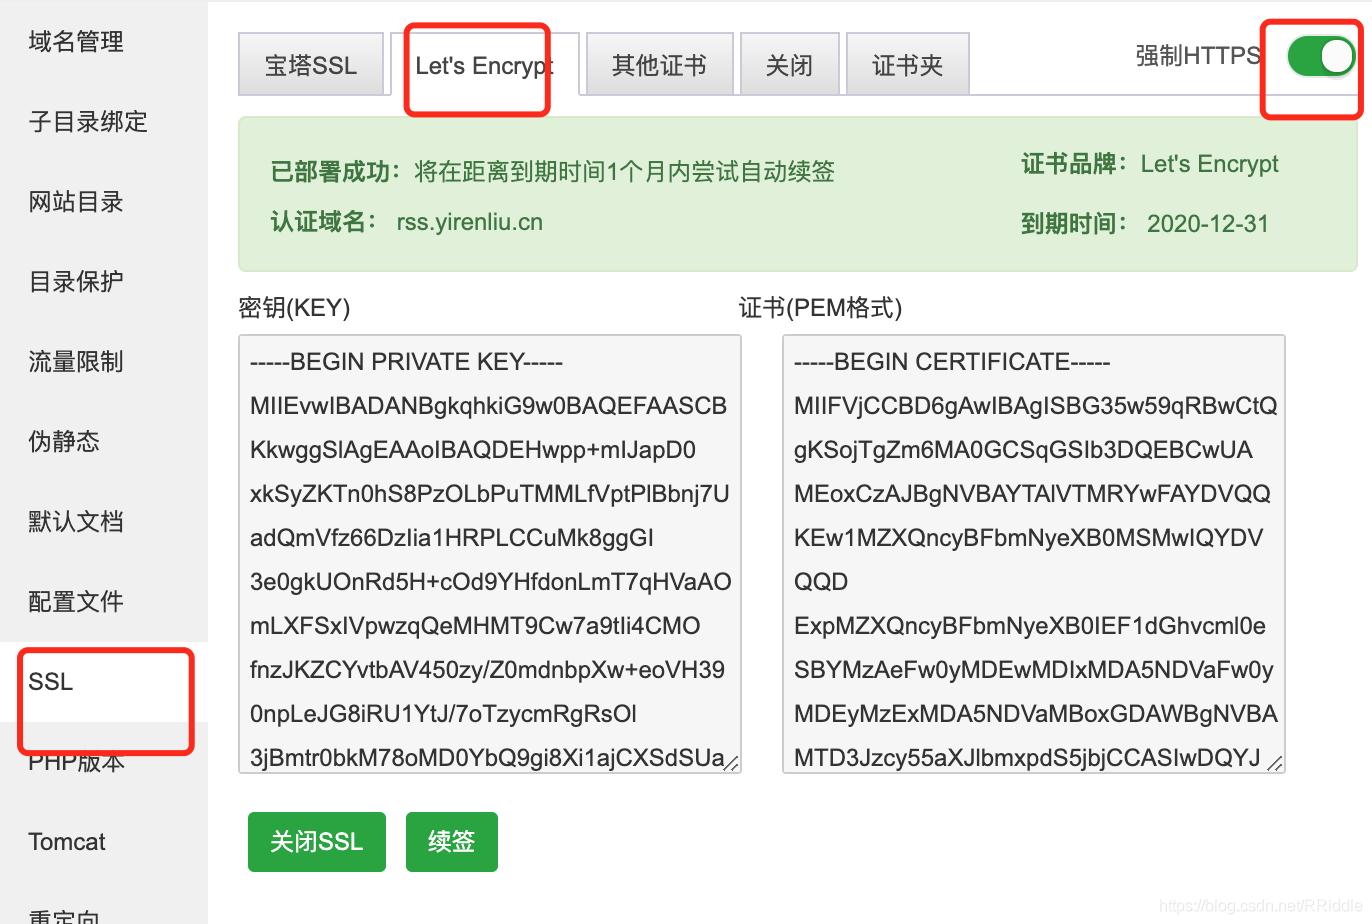 免费证书Let's Encrypt,宝塔会自动续期